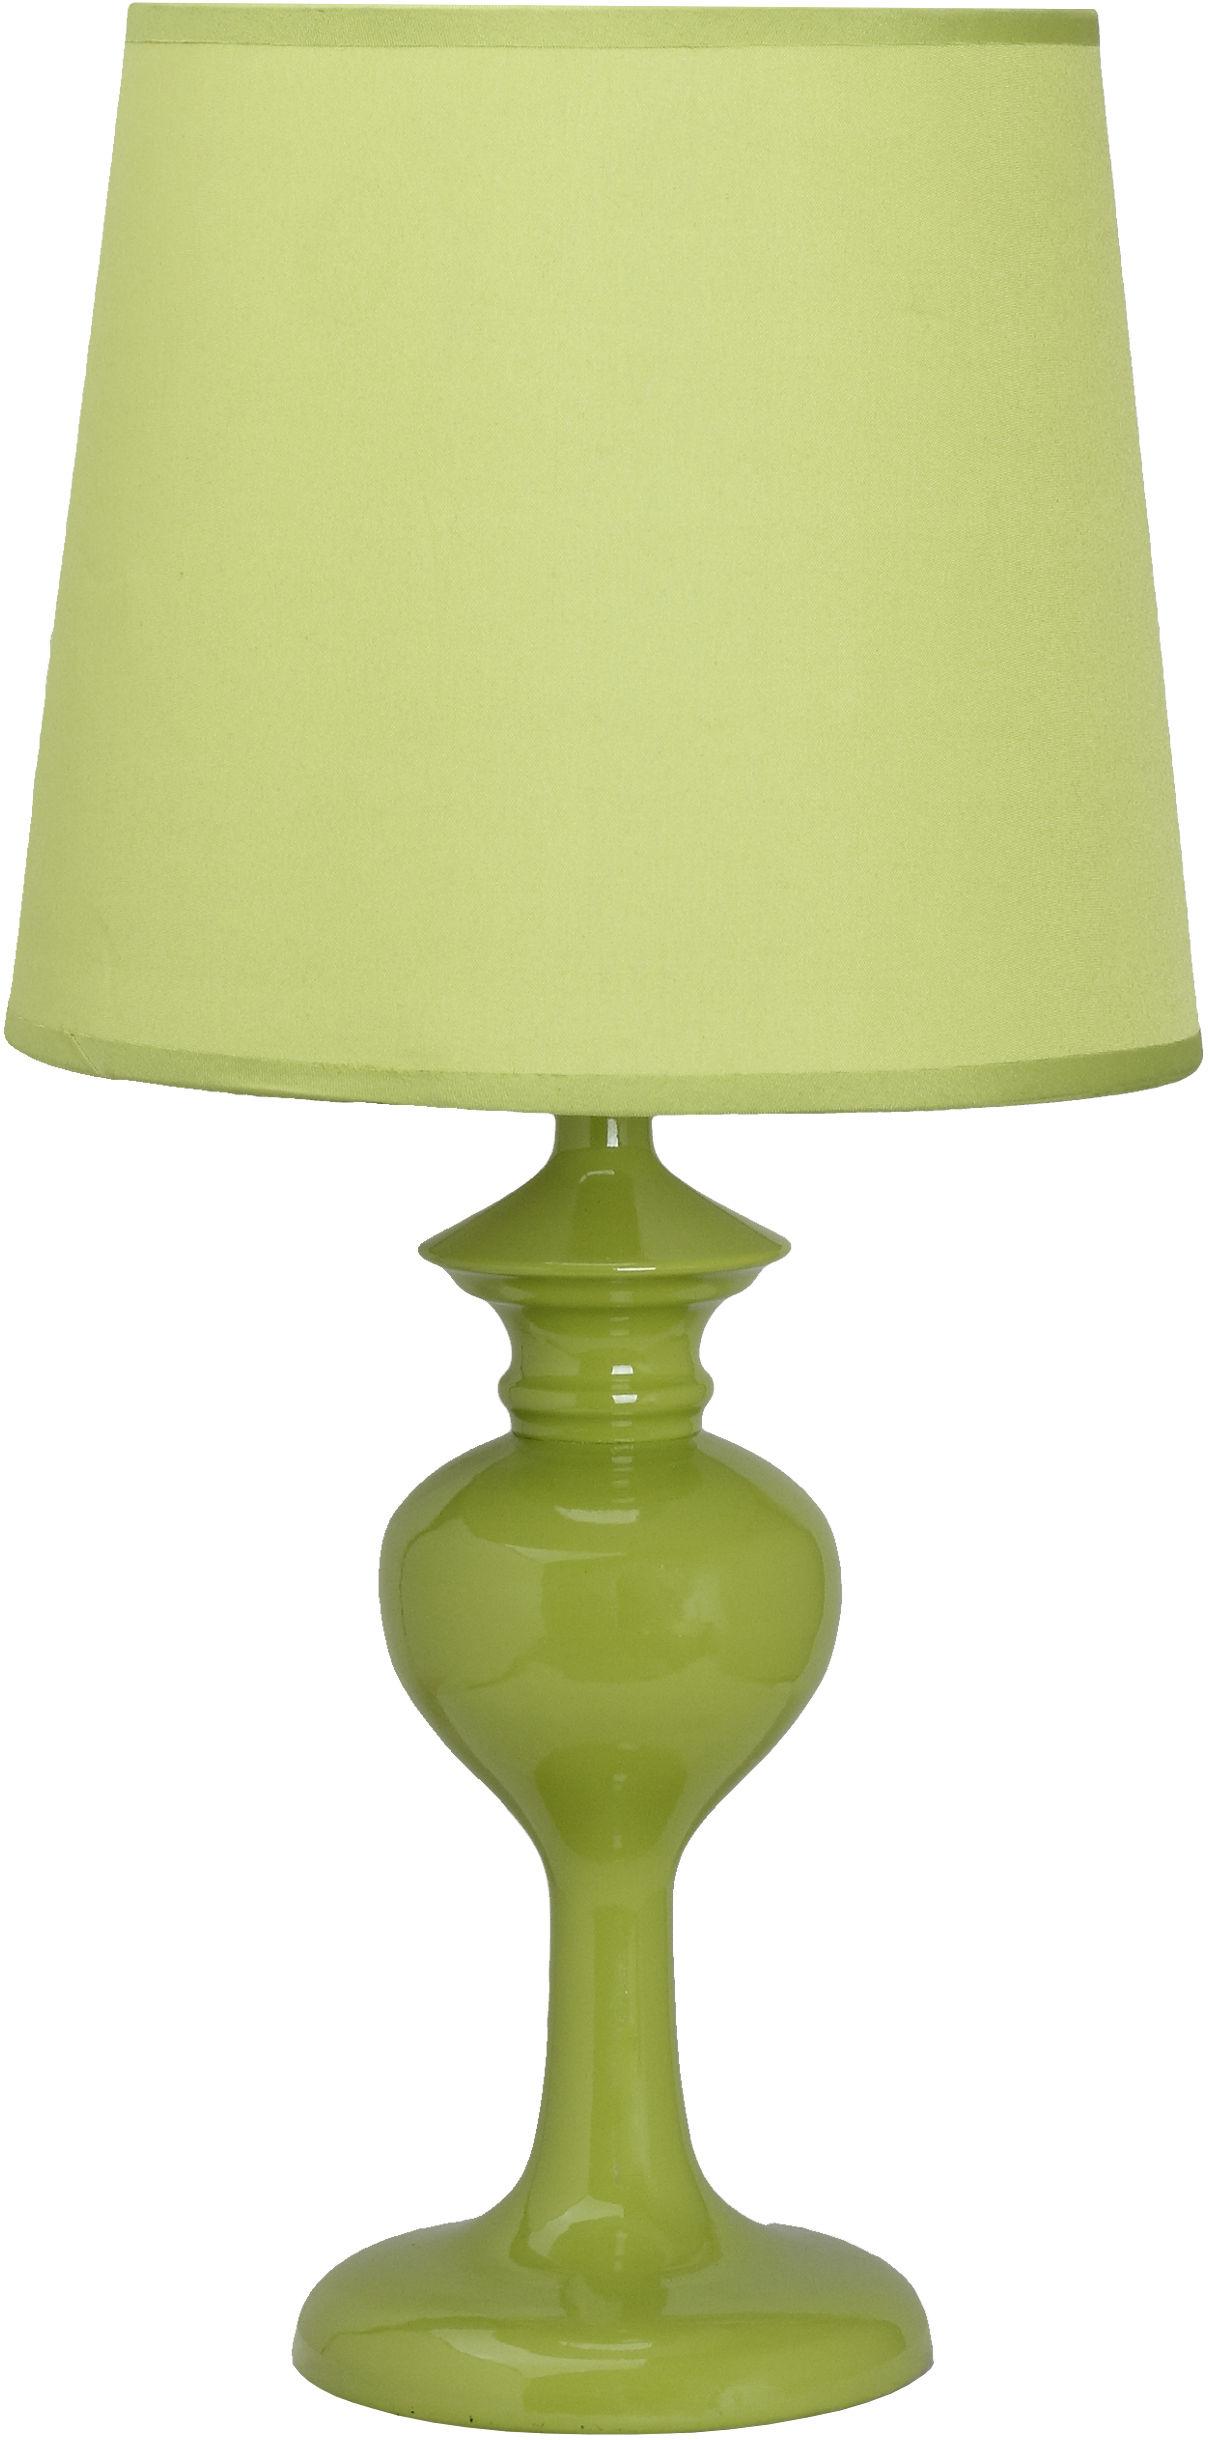 Candellux BERKANE 41-11725 lampa stołowa zielona abażur 1X40W E14 20 cm